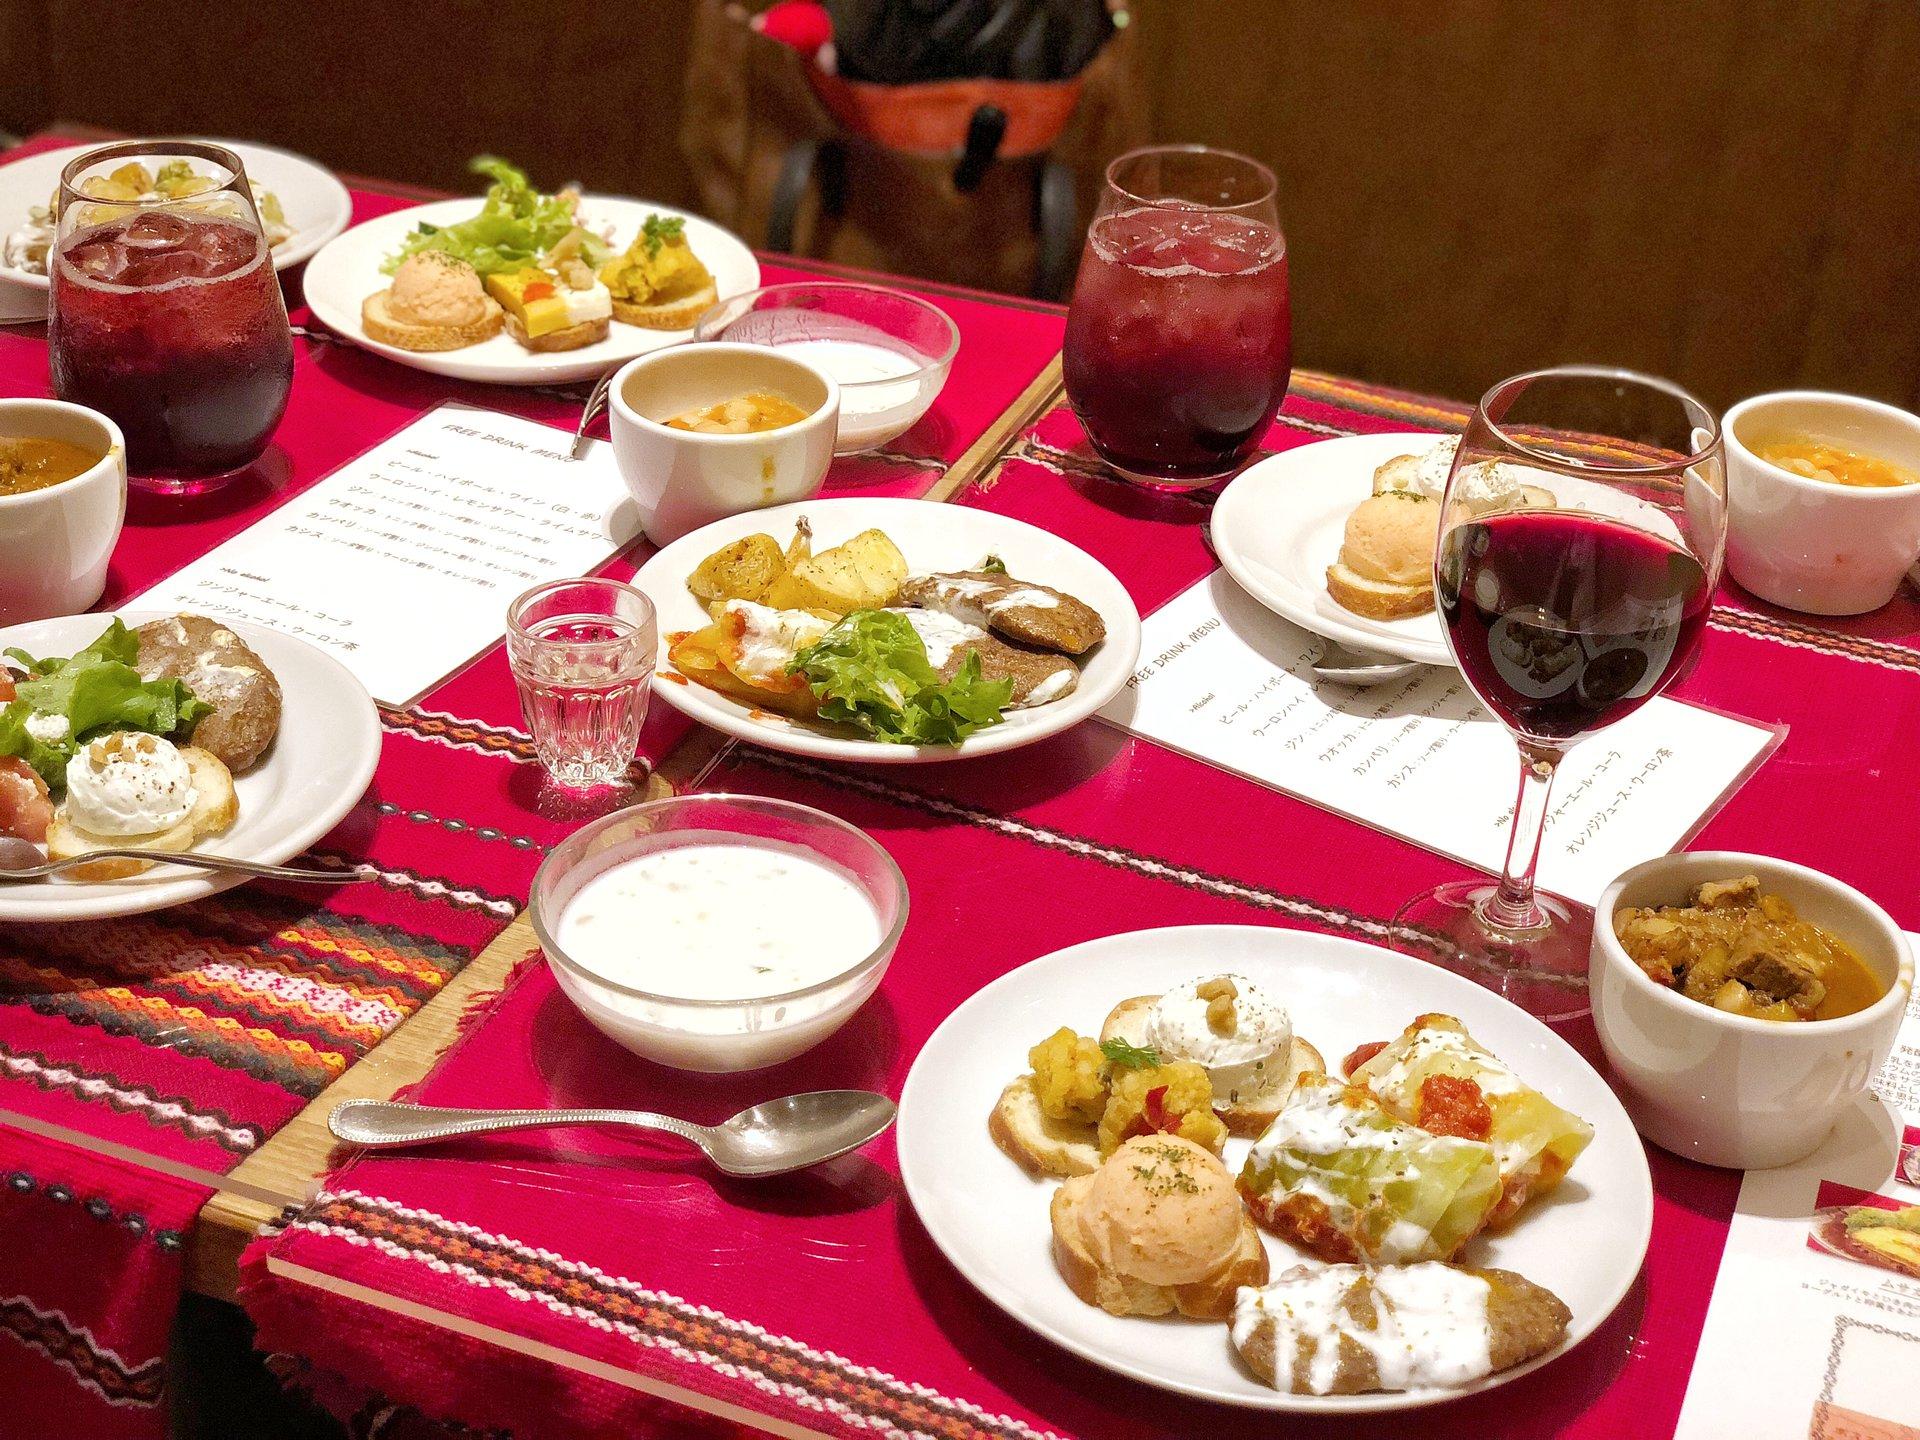 銀座おすすめディナー女子会♡ヘルシー・美味しい本格的『ブルガリア料理』